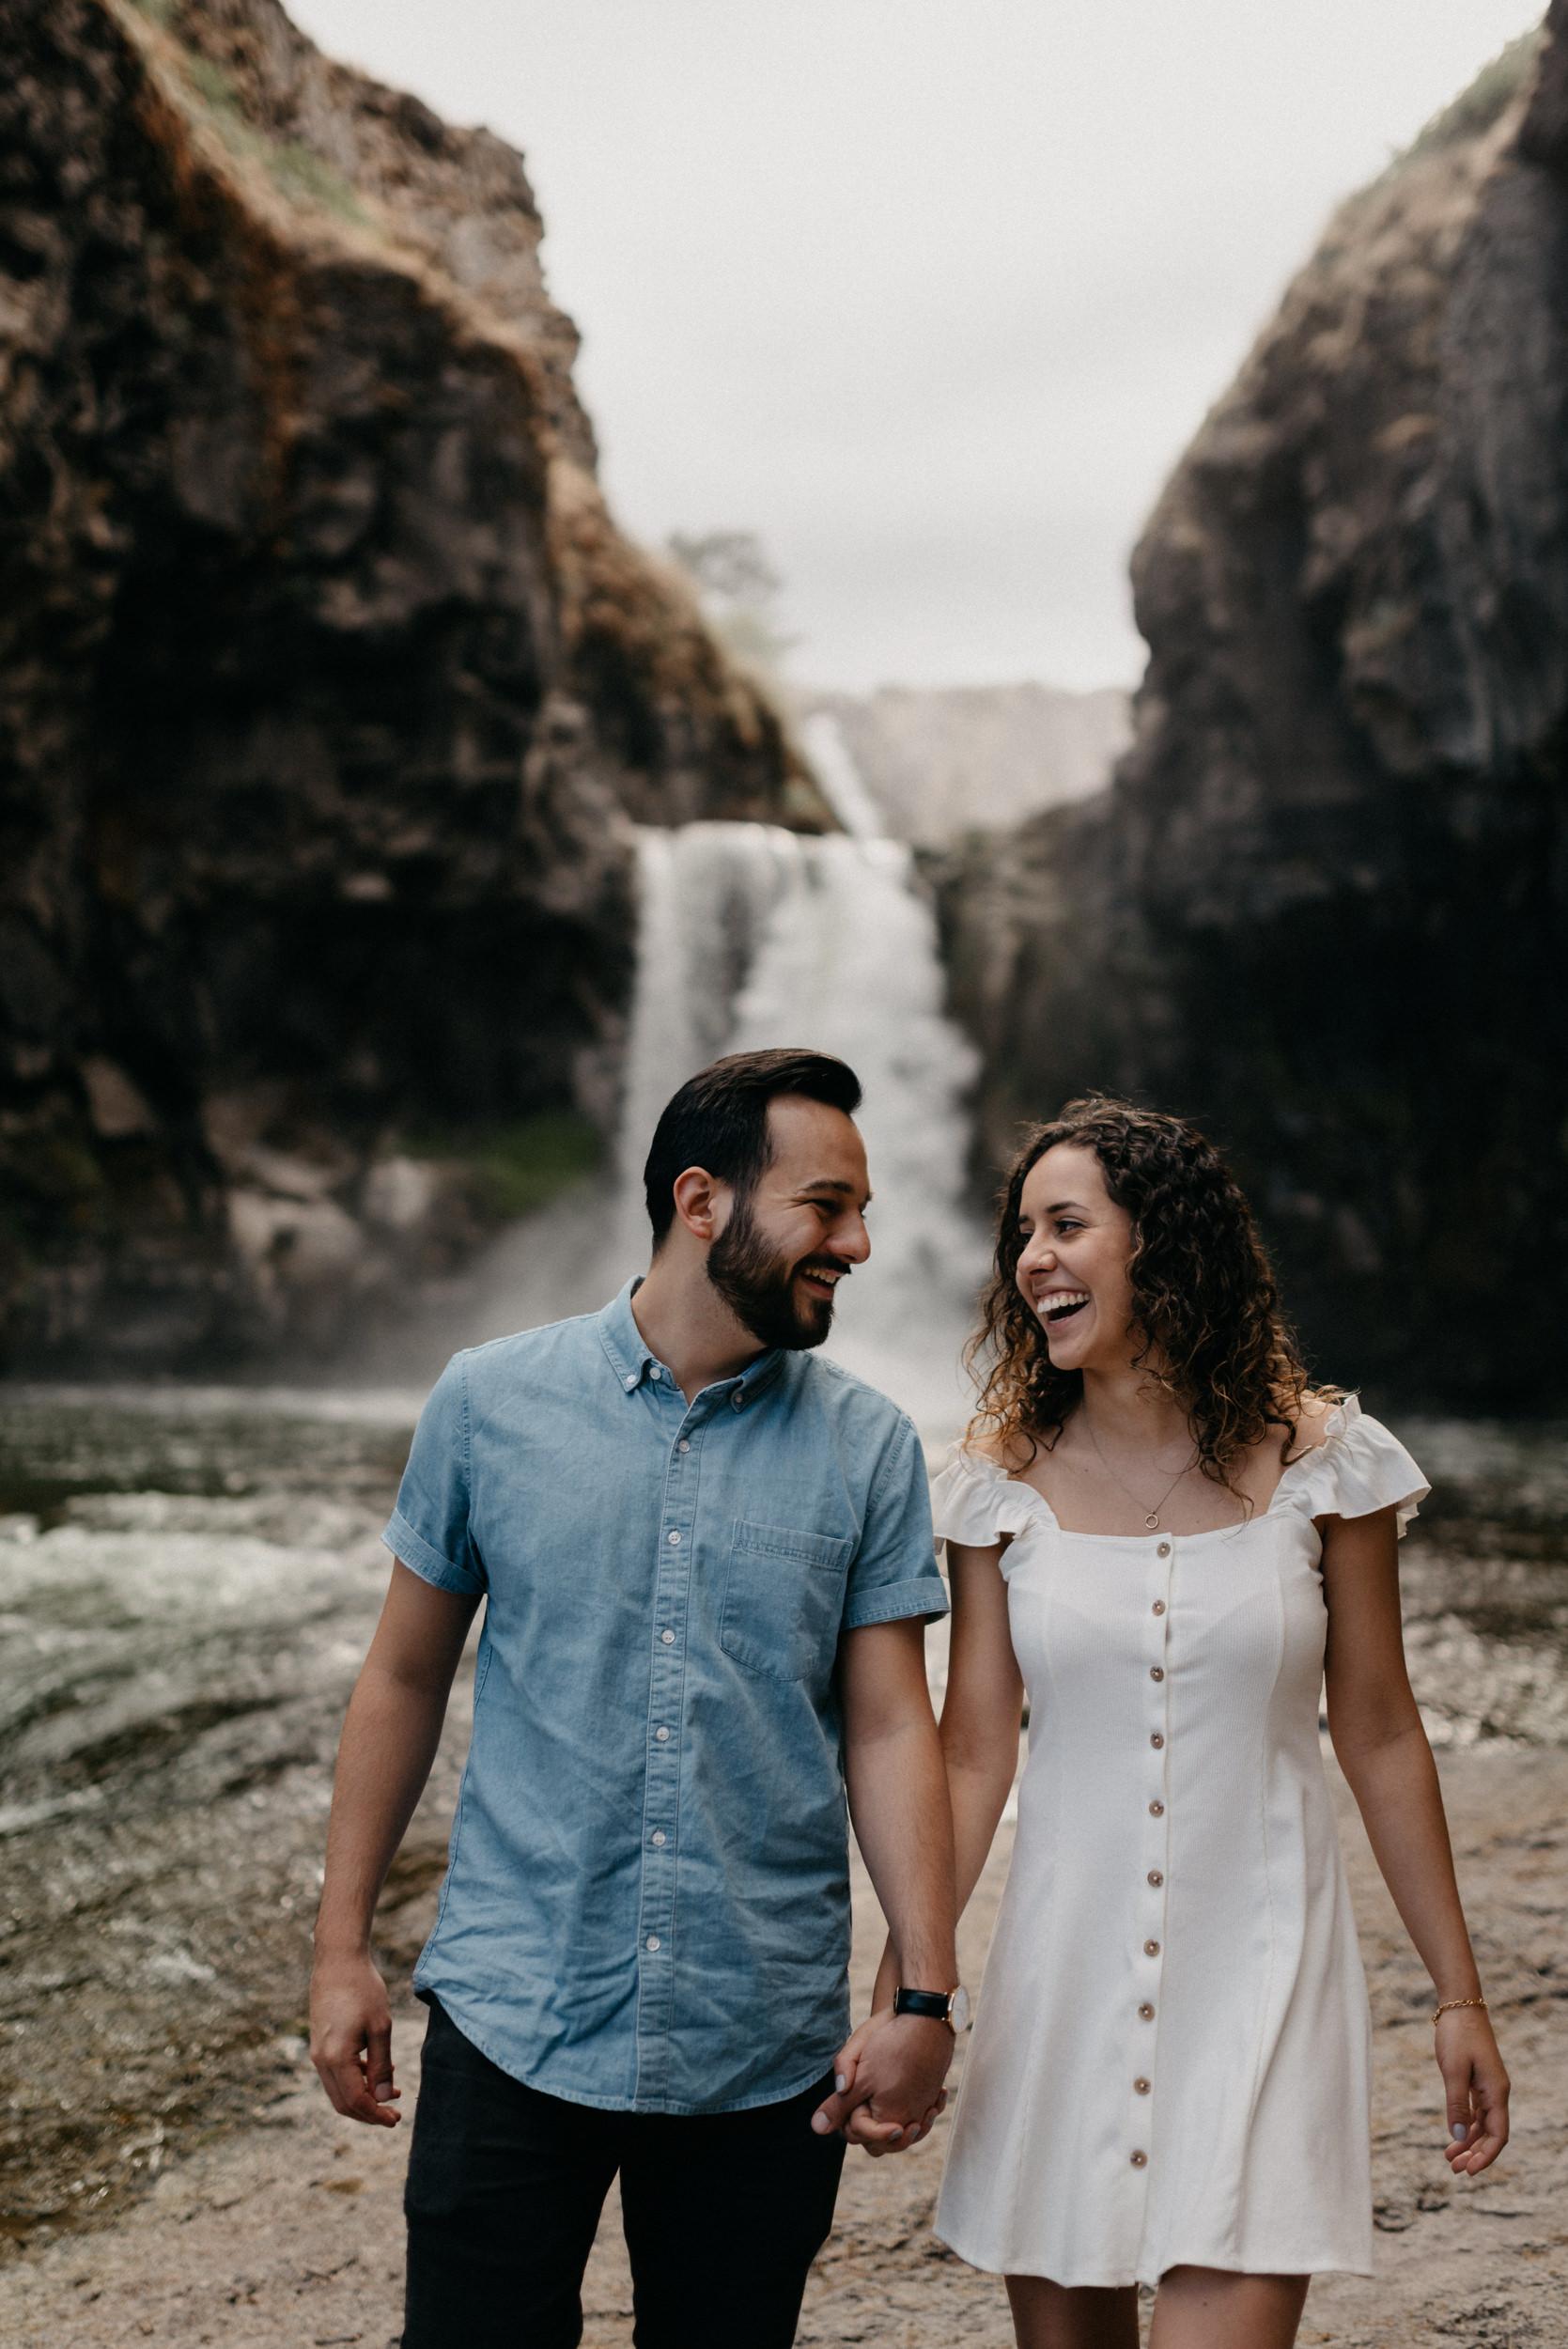 19-White-river-falls-state-park-engagement-5732.jpg